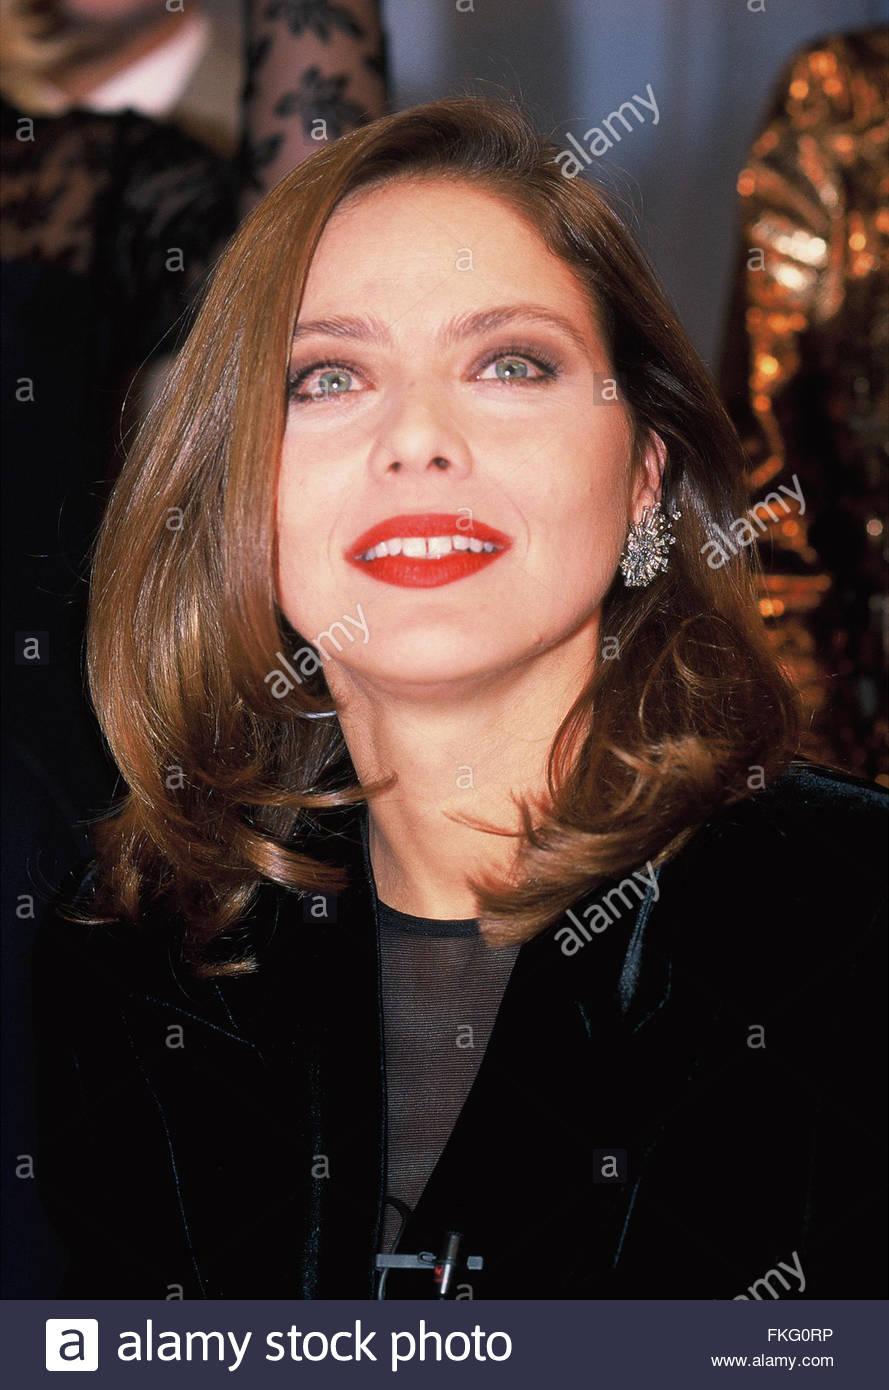 Geraldine Smith (actress) pics